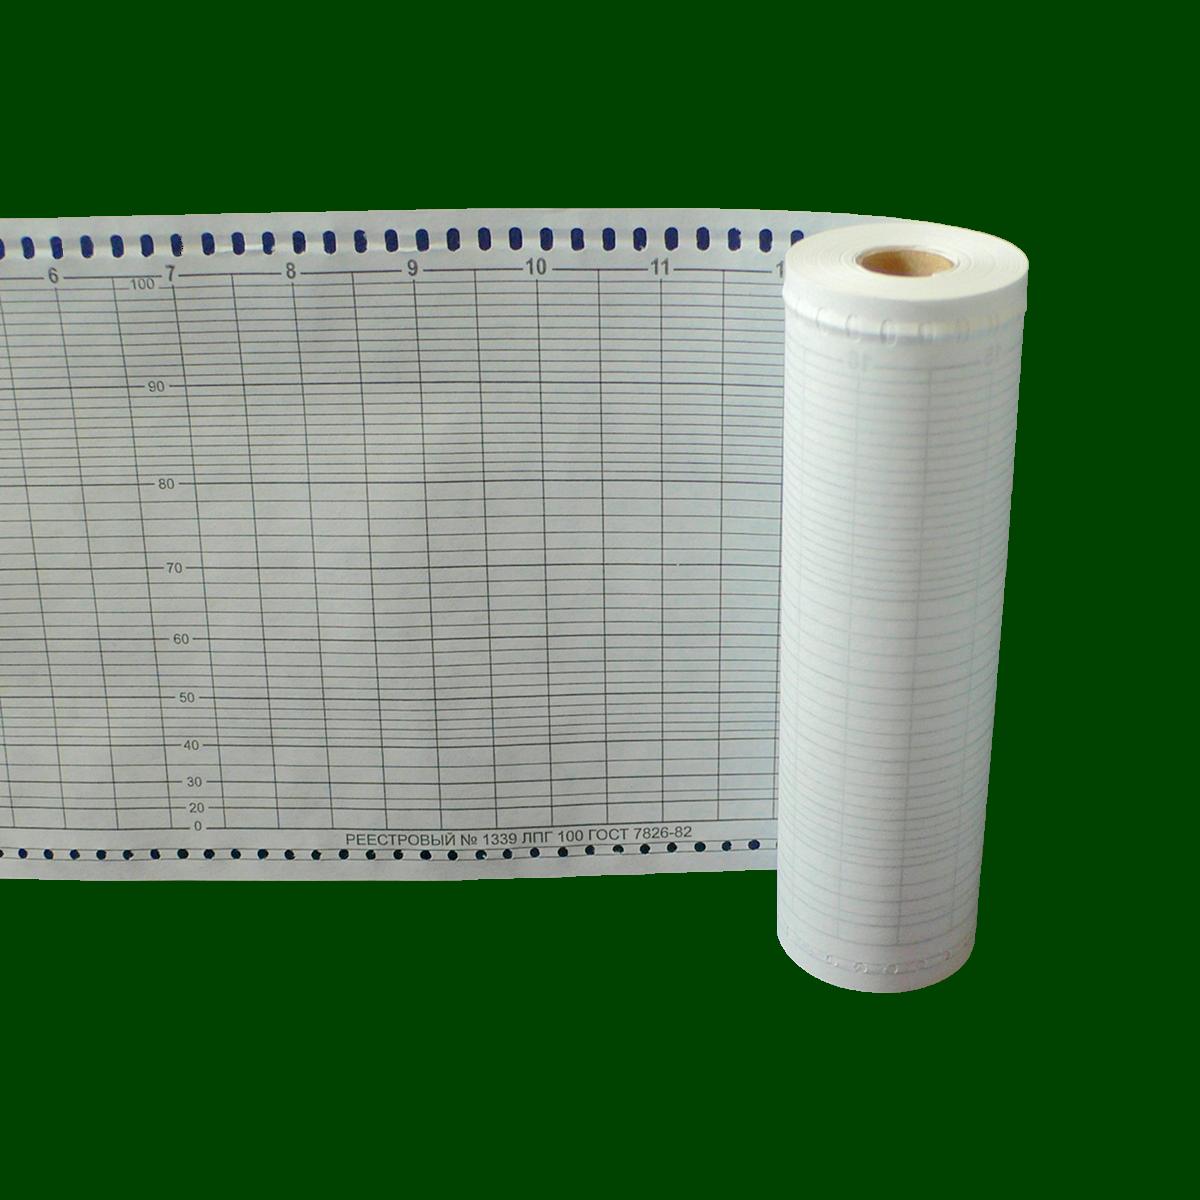 Диаграммная рулонная лента, реестровый № 1339 (37,22 руб/кв.м)